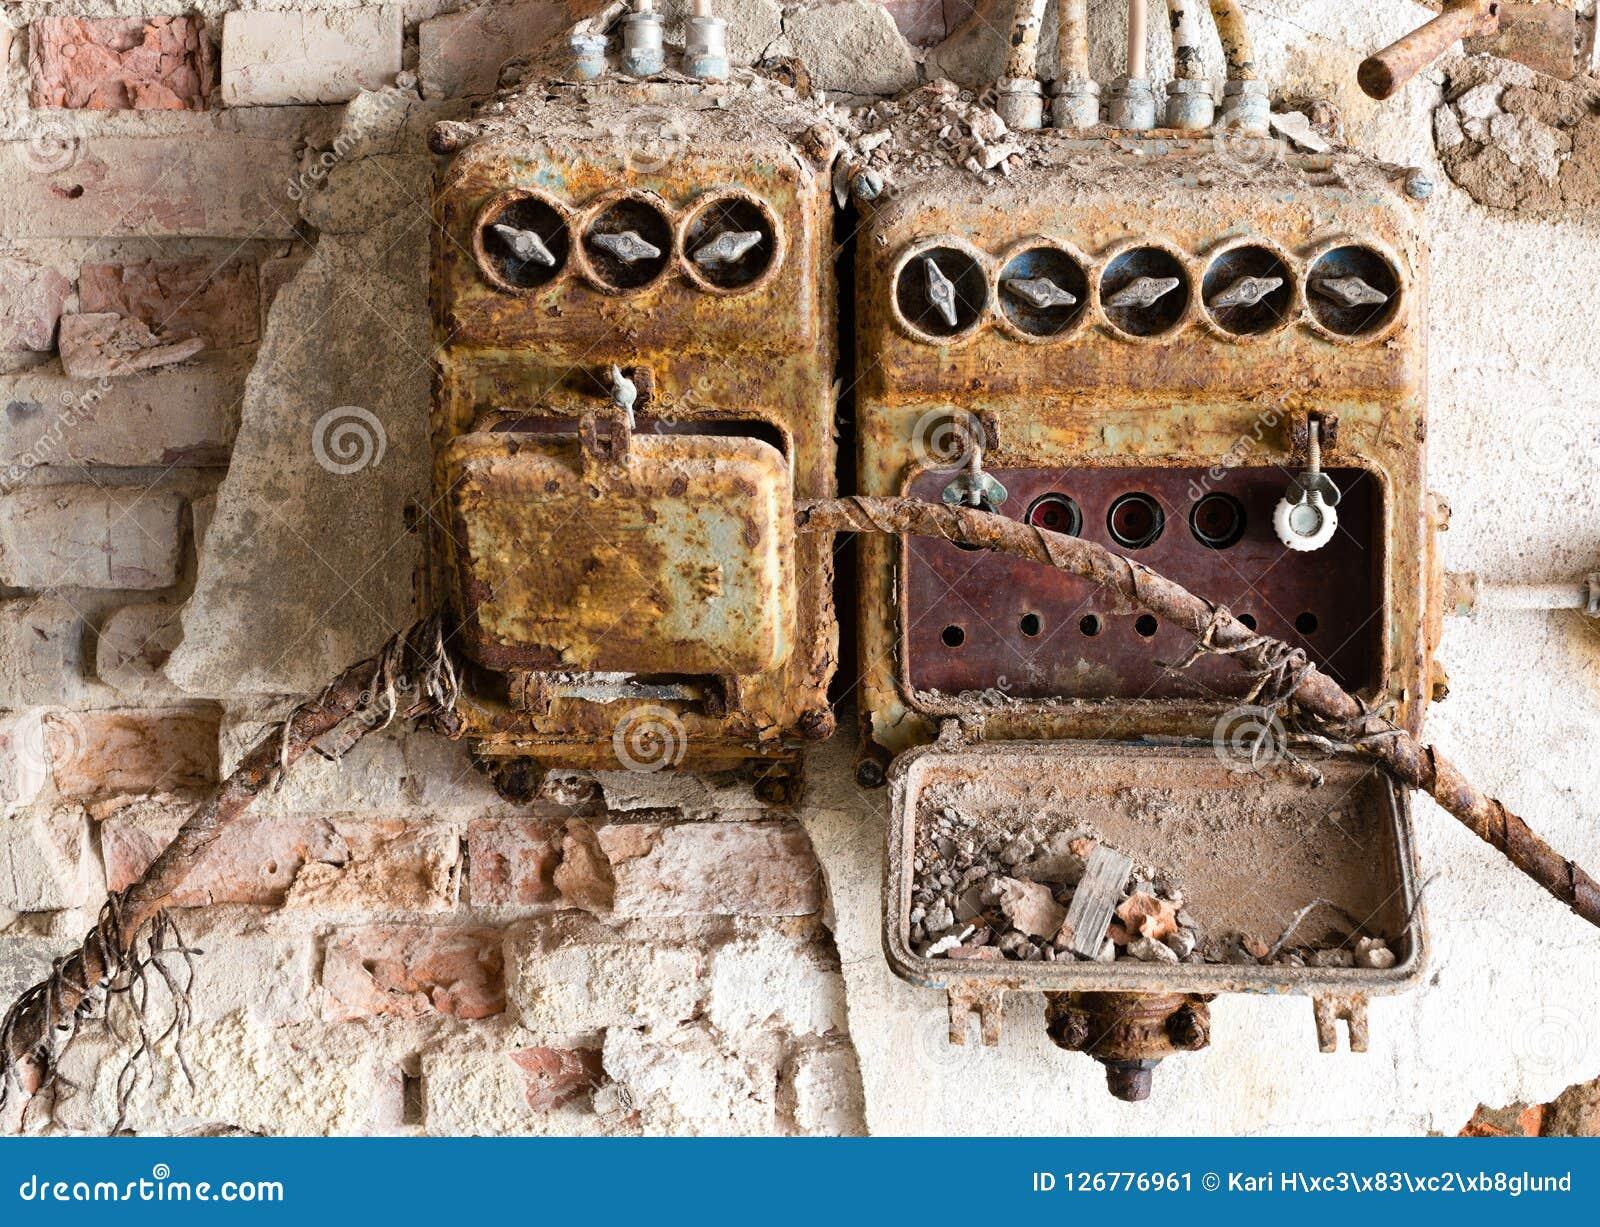 wrg 9599] broken fuse box electrical fuse box broken fuse box wiring diagram